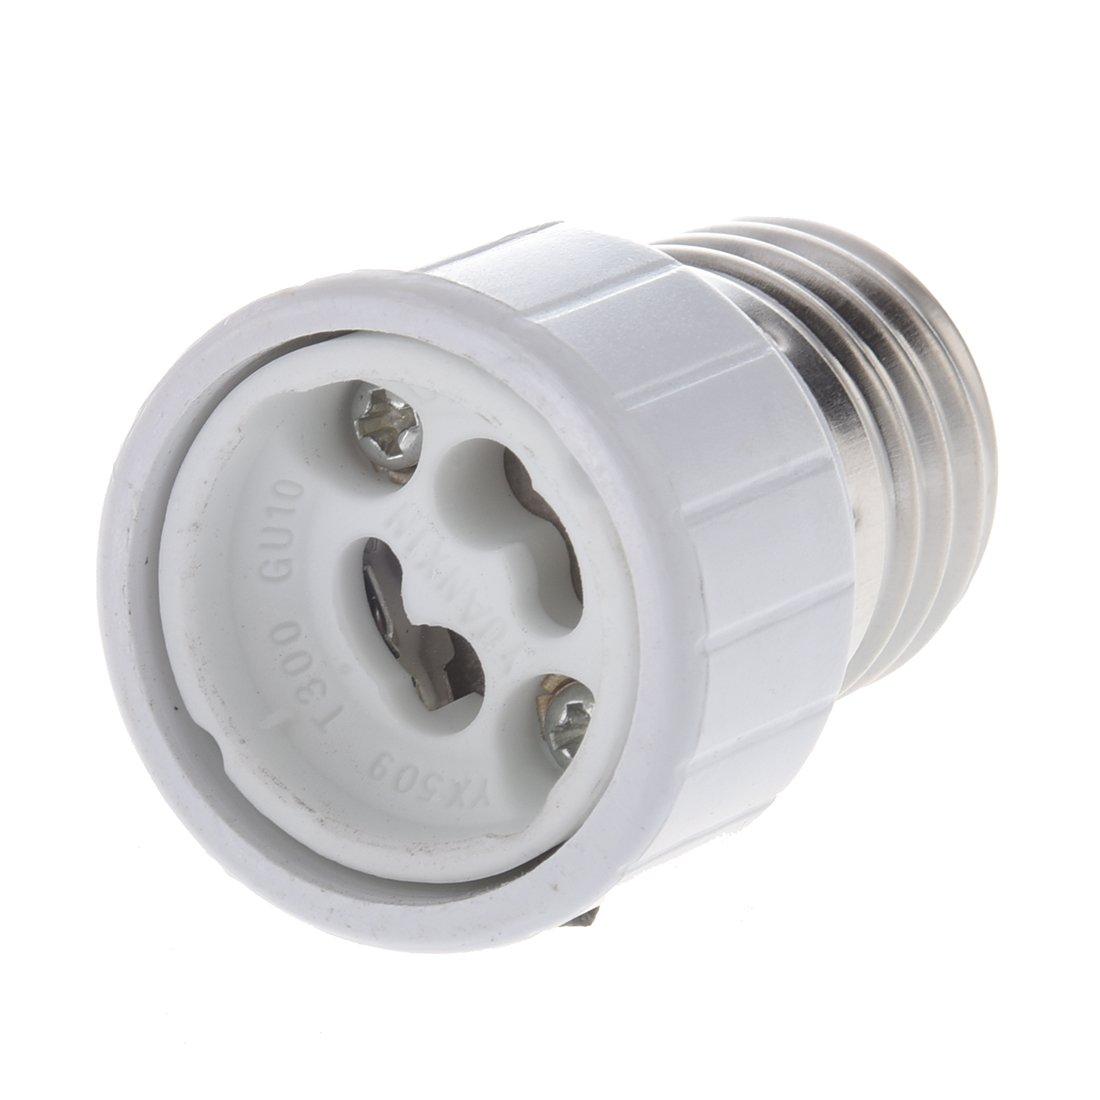 Offerte speciali disponibili 4 x E27 a GU10 LED // CFL Lampada senza saldatura- Adattatore Convertitore R SODIAL